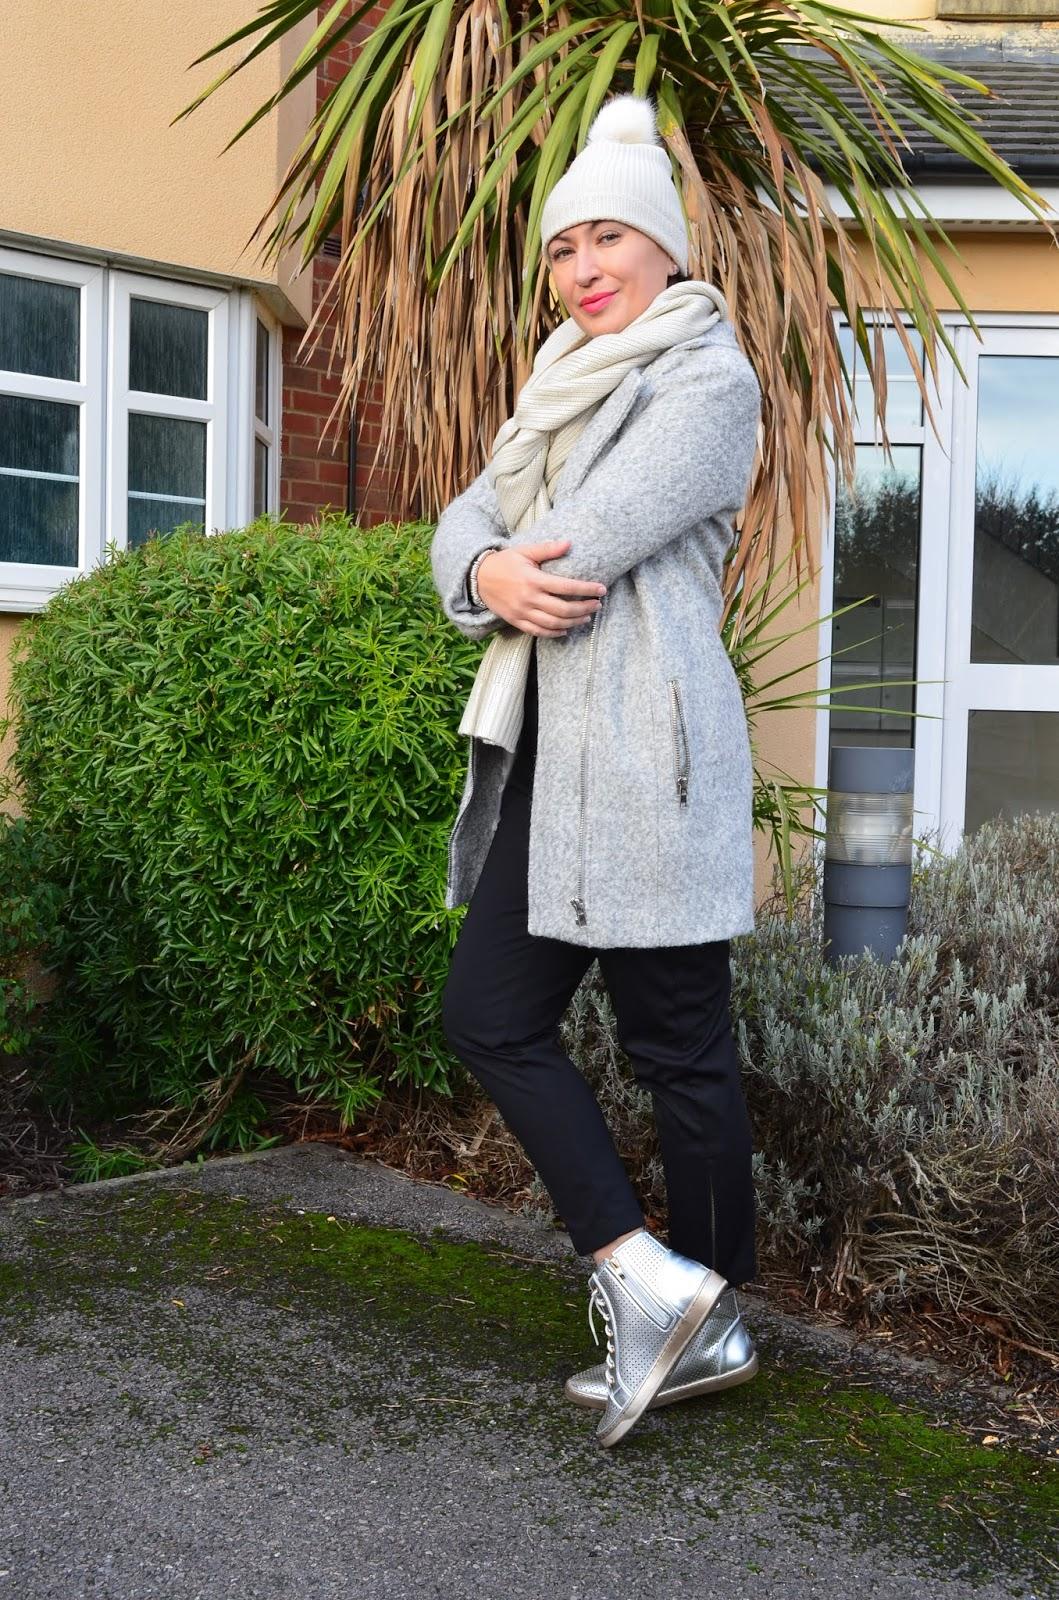 Adriana Style Blog, sklep internetowy, balando.pl, Buty Balando, Moda, Fashion, obuwie z eko skóry, botki, boots, on-line store, Ladies shoes, Jesienna stylizacja, autumn outfit,